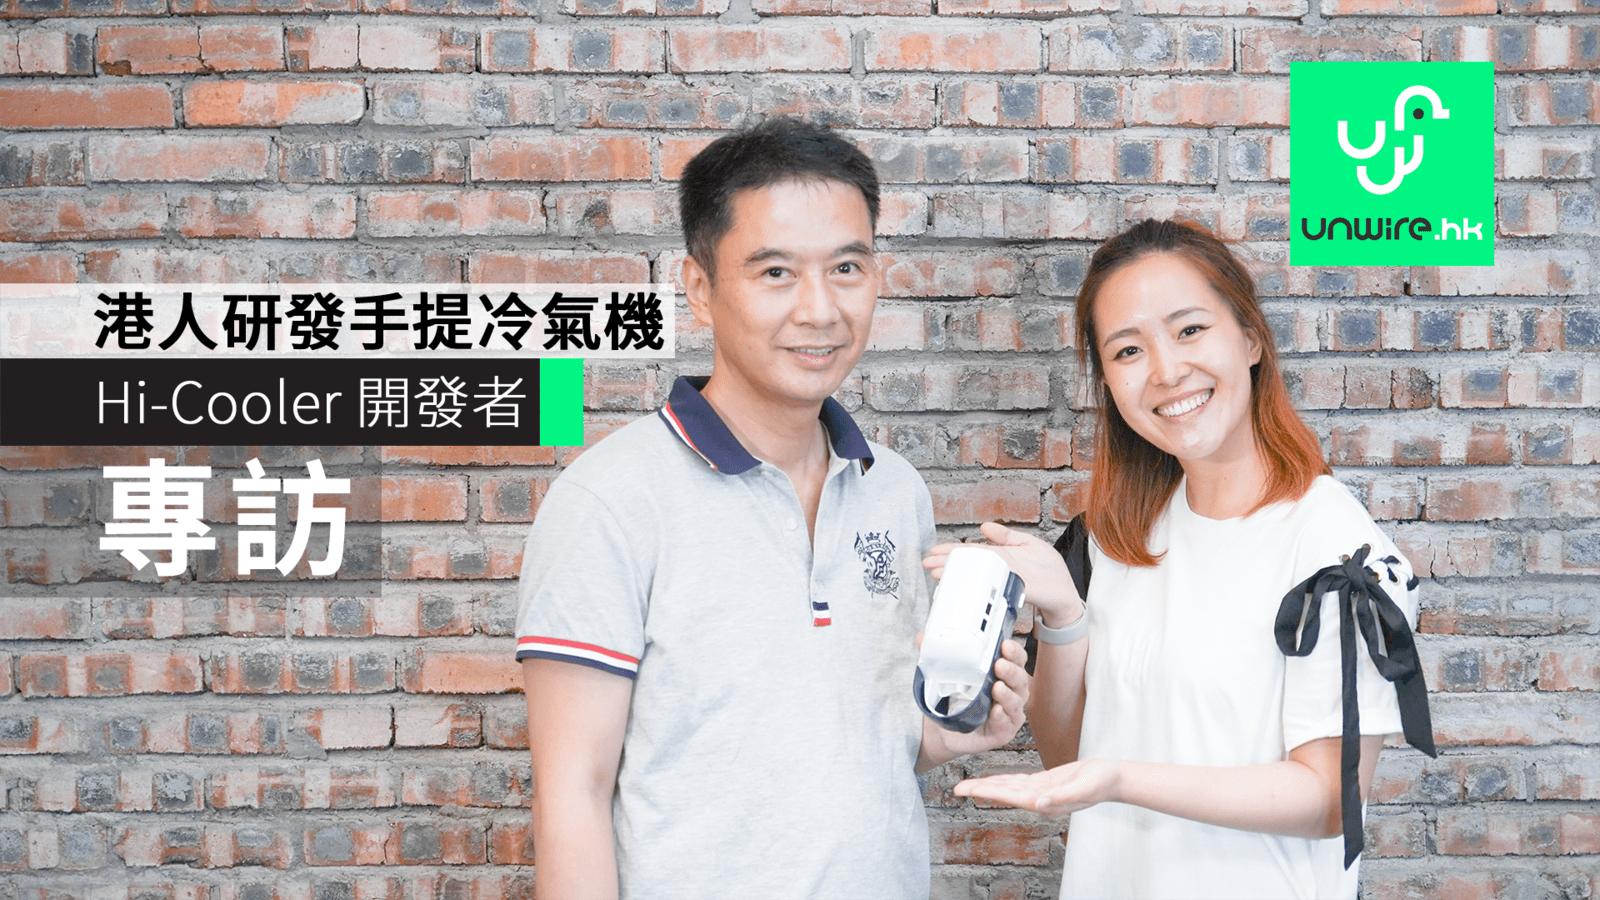 【開發者專訪】香港人設計手提冷氣機 真正可拎出街用!